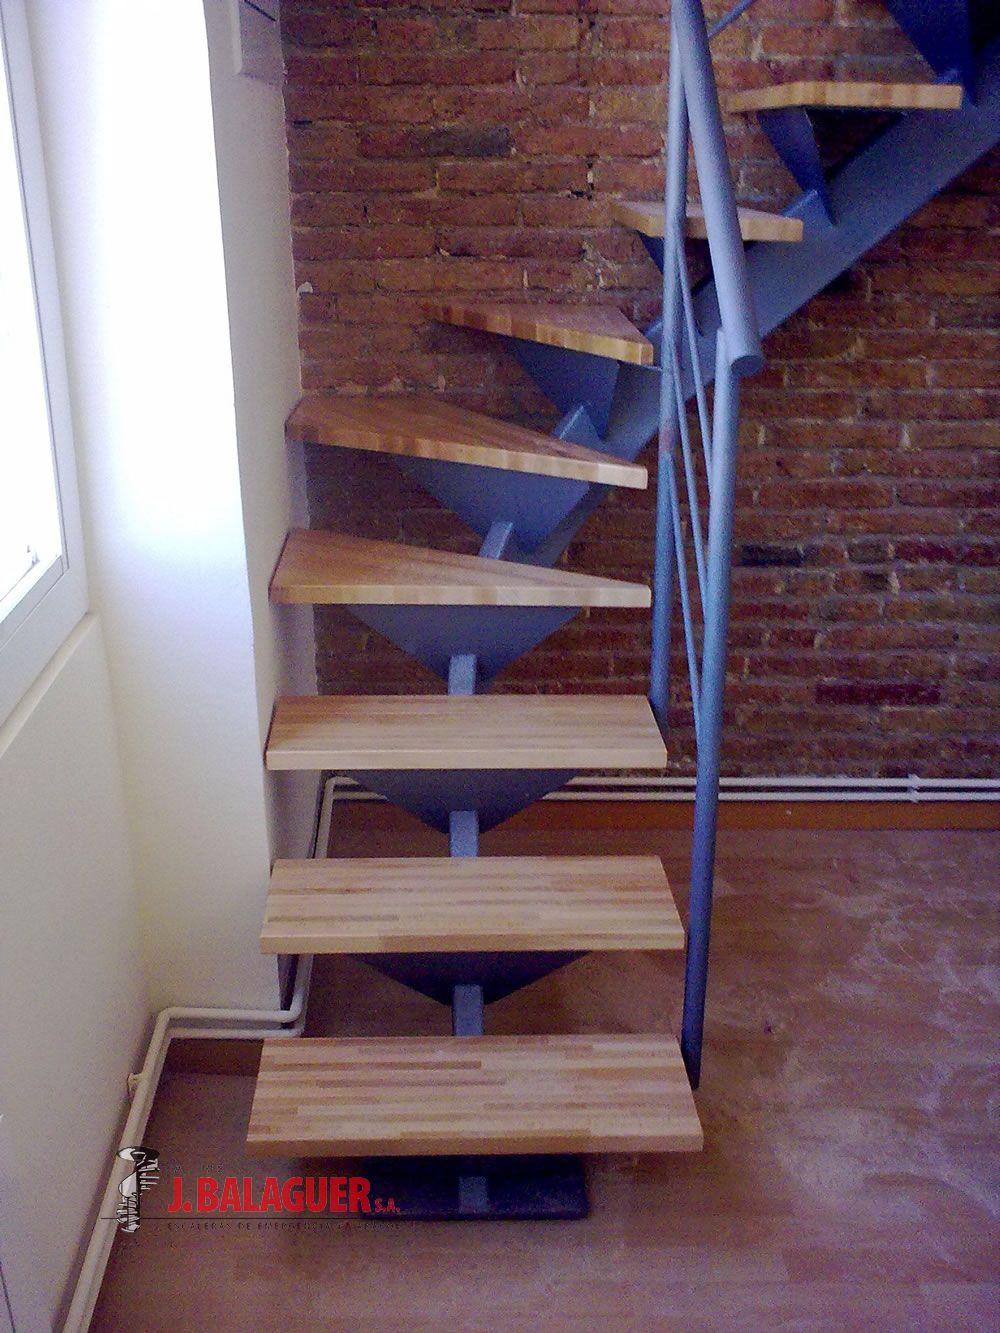 Escaleras habitare zanca central escaleras balaguer - Escaleras balaguer ...